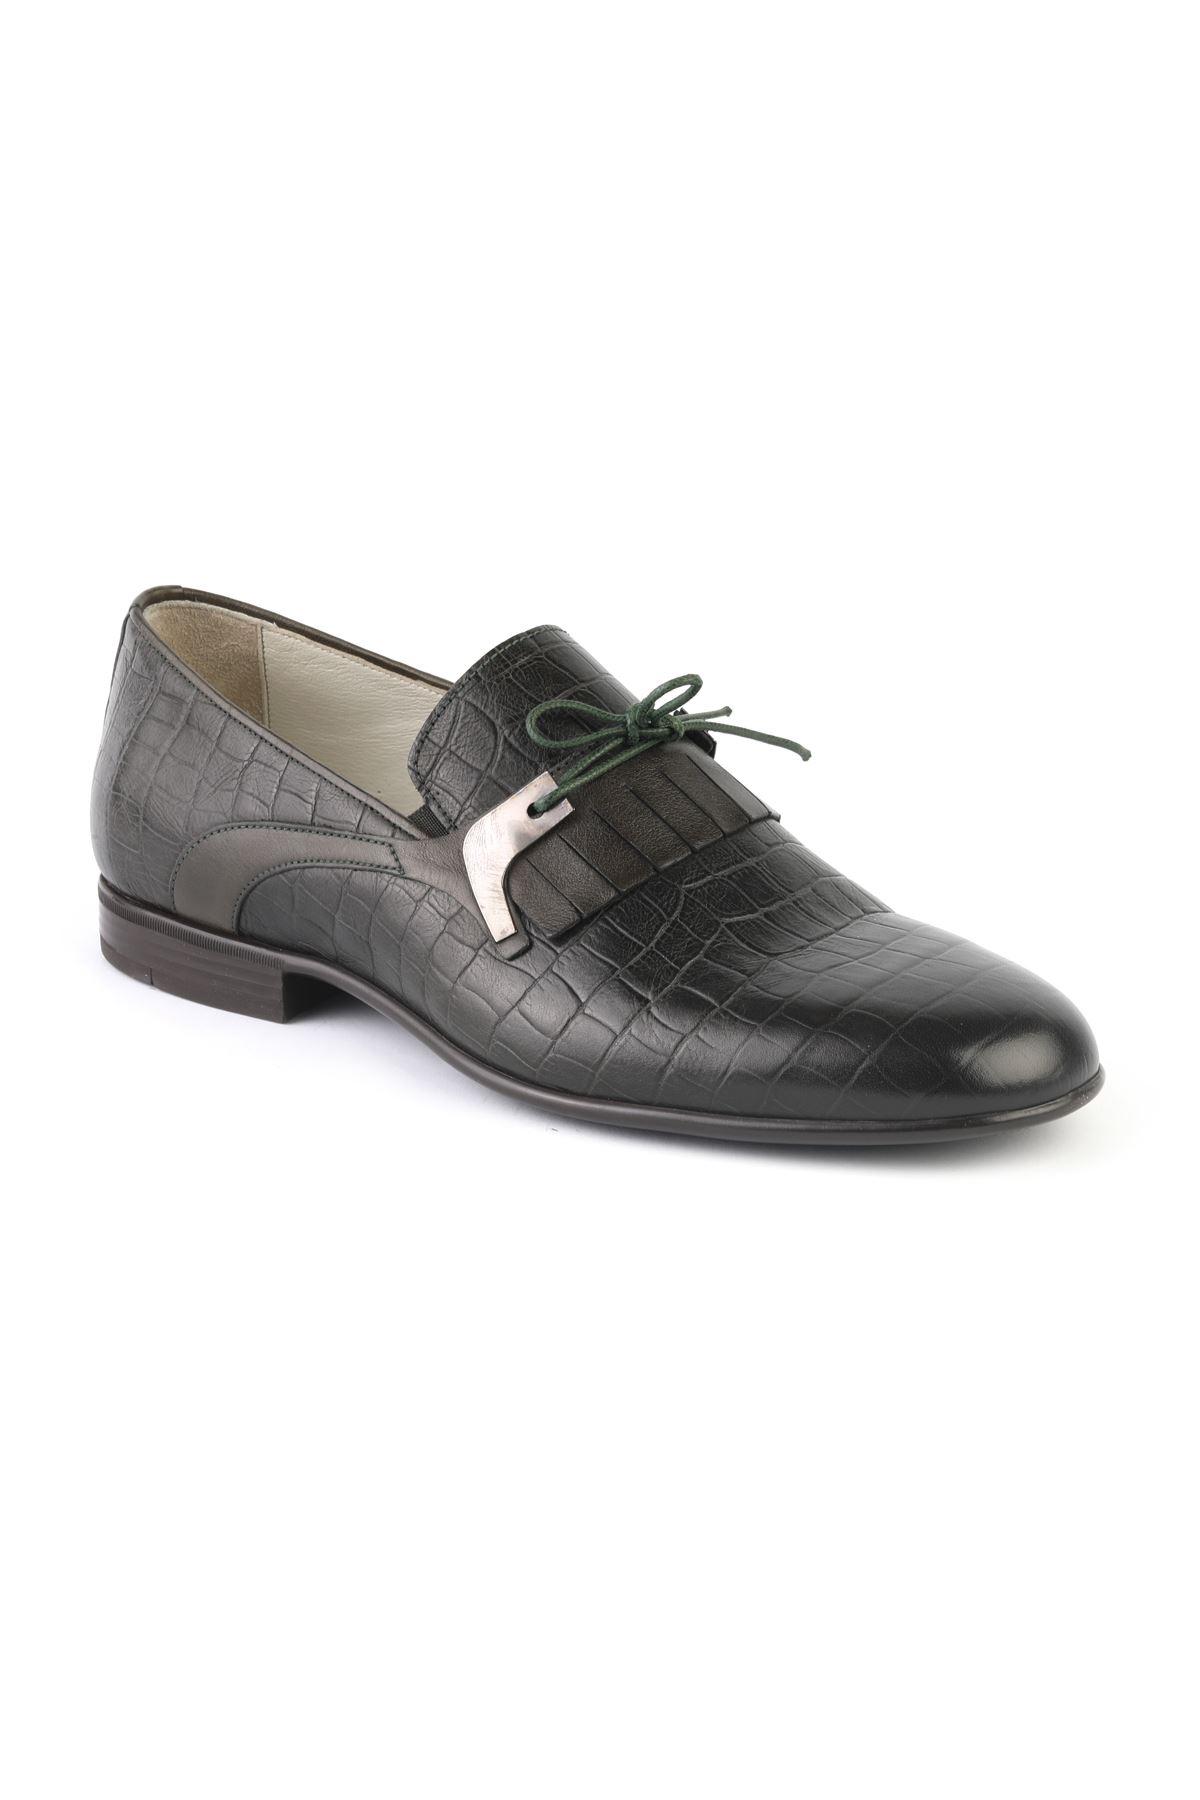 Libero T1255 Yeşil Loafer Ayakkabı